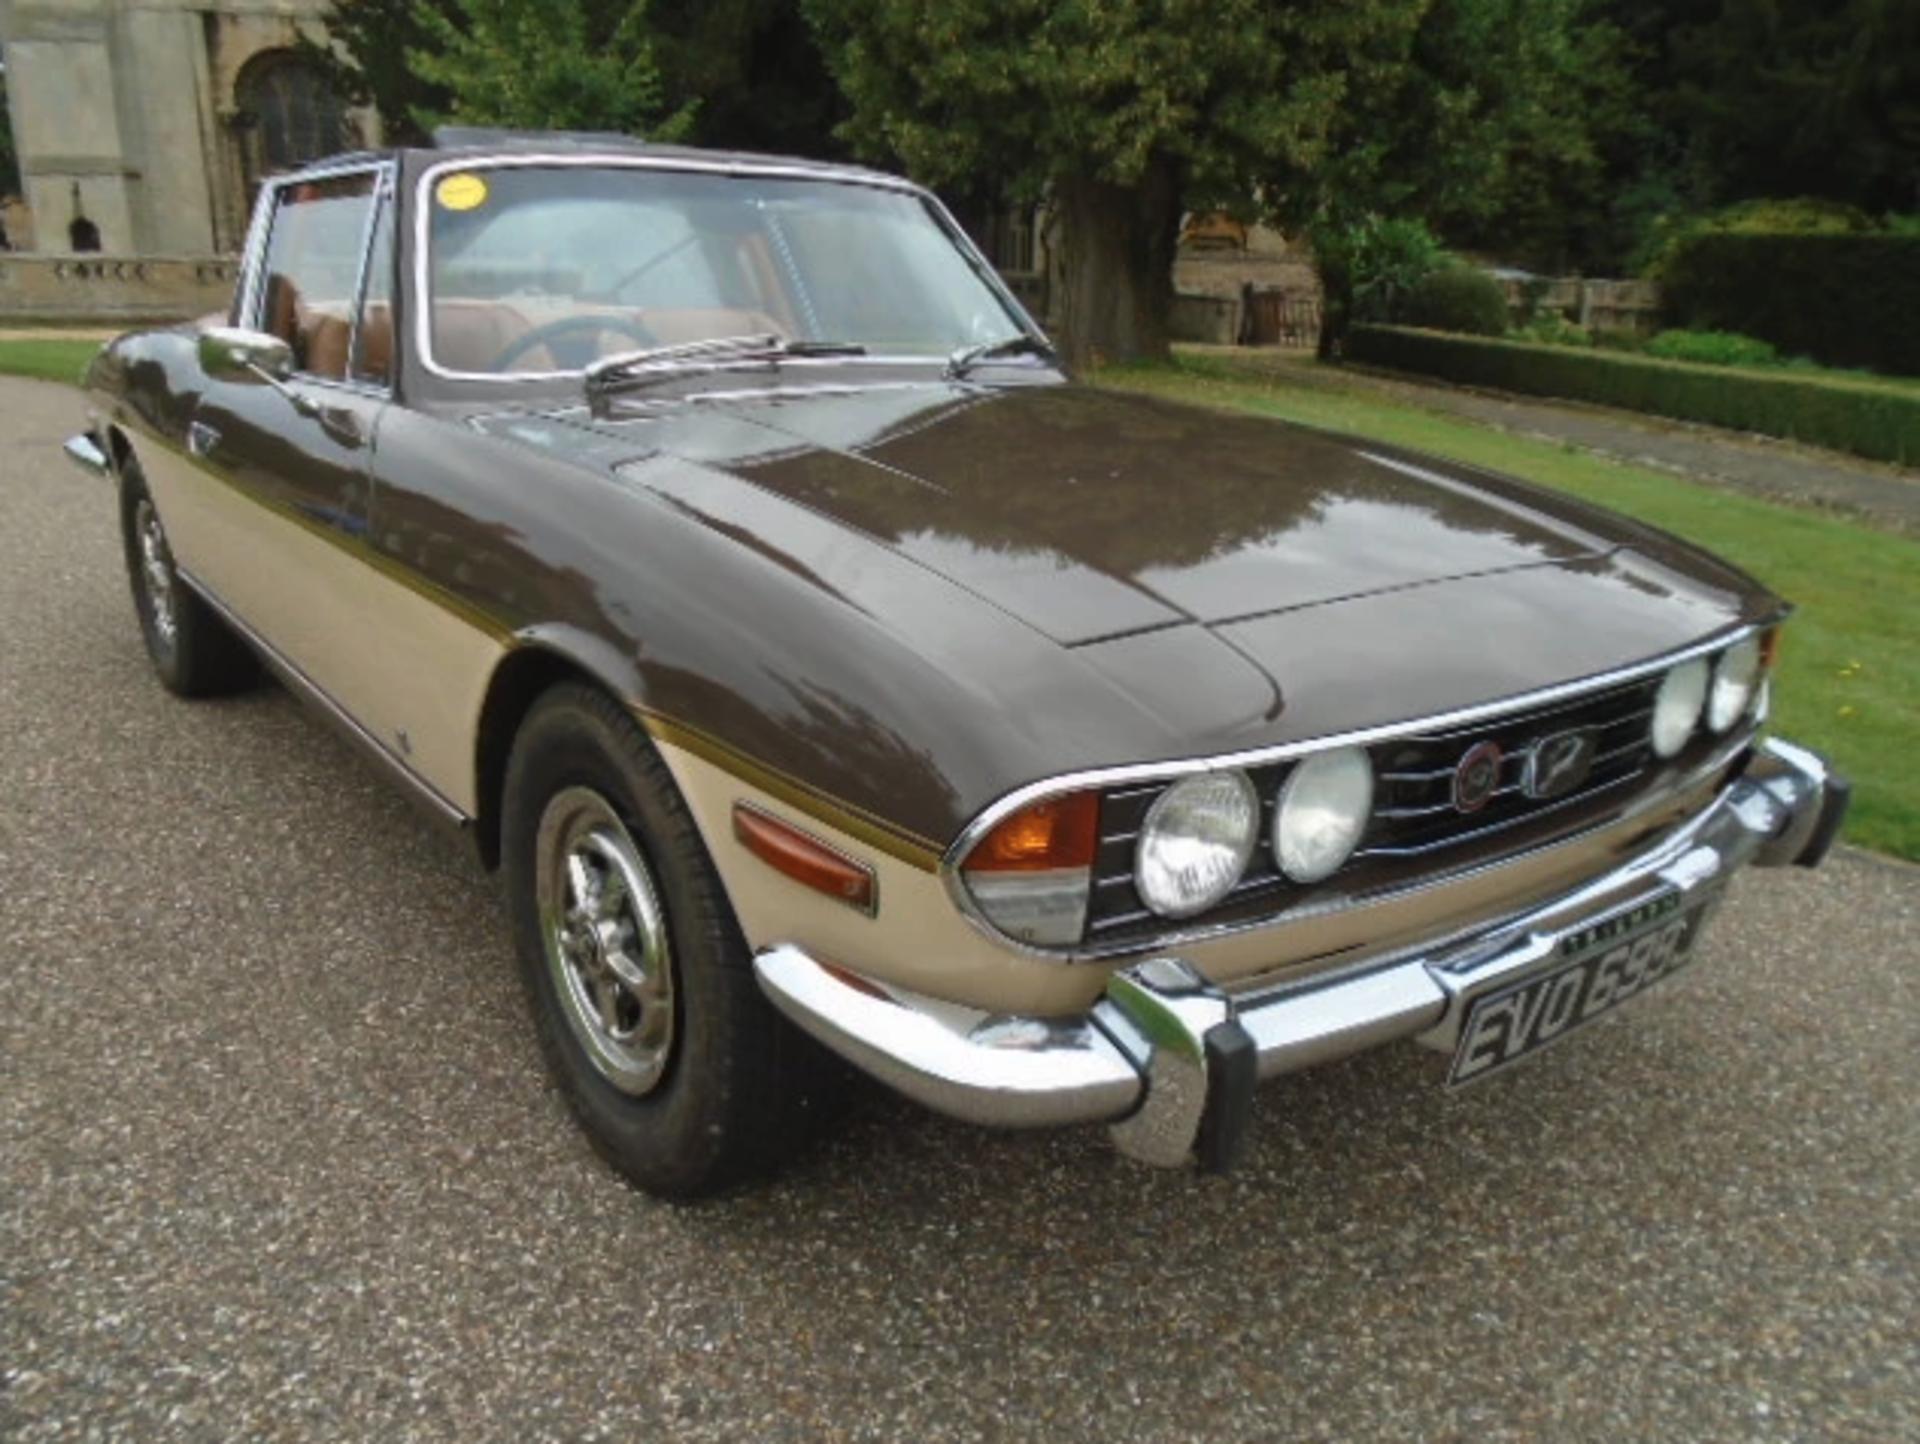 1971 Triumph Stag Mk1 - Image 2 of 6